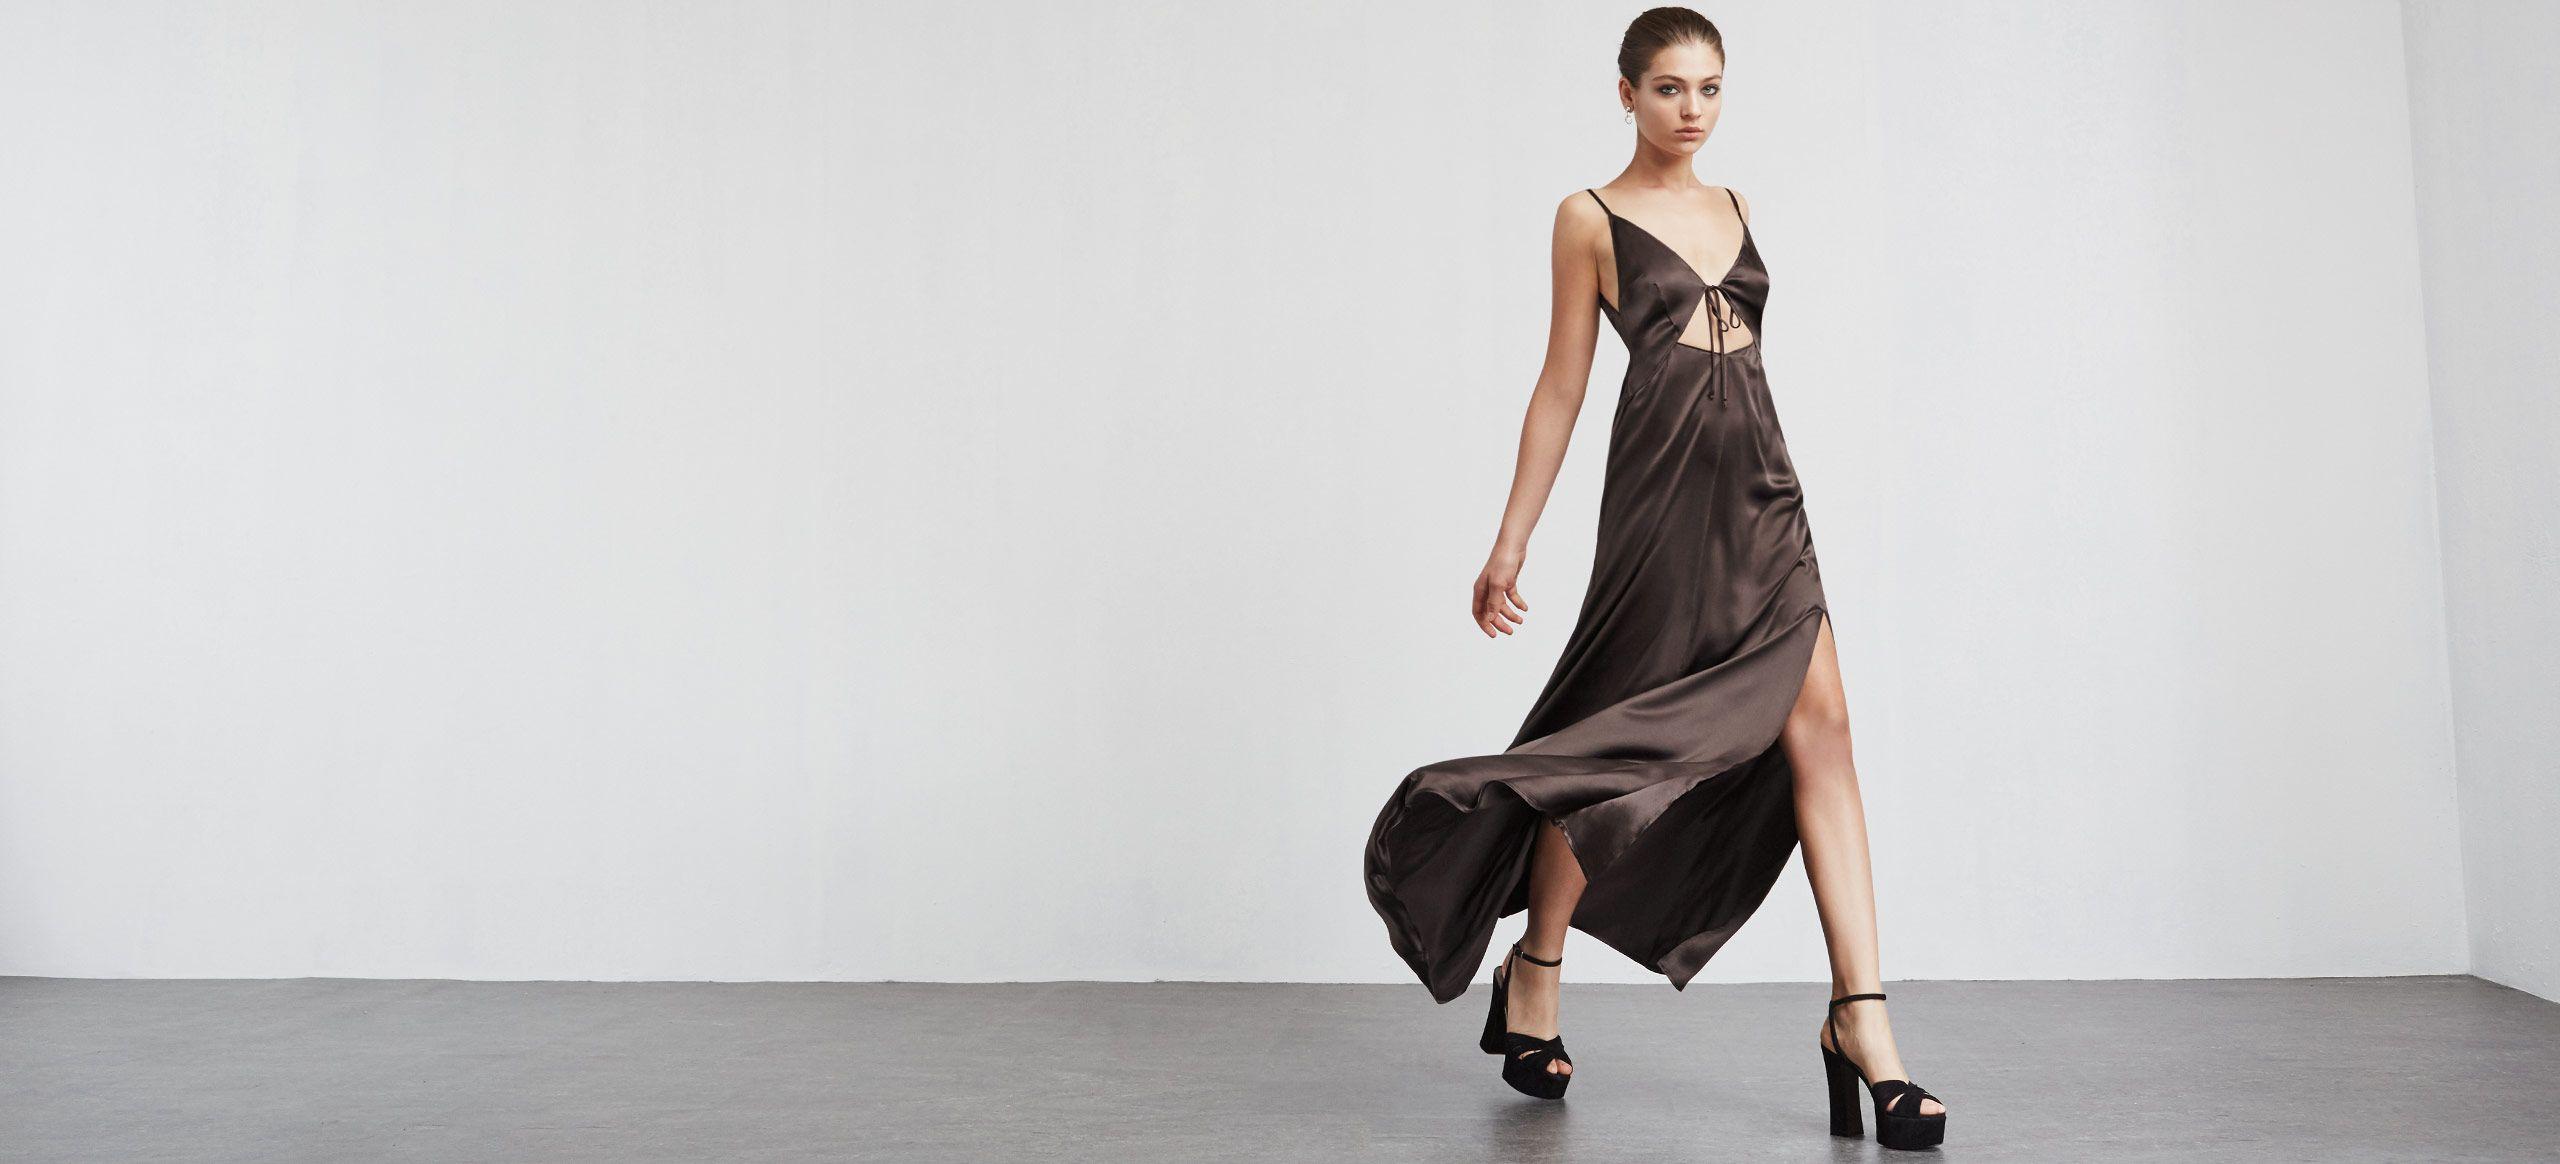 ECLIPSE DRESS - Reformation